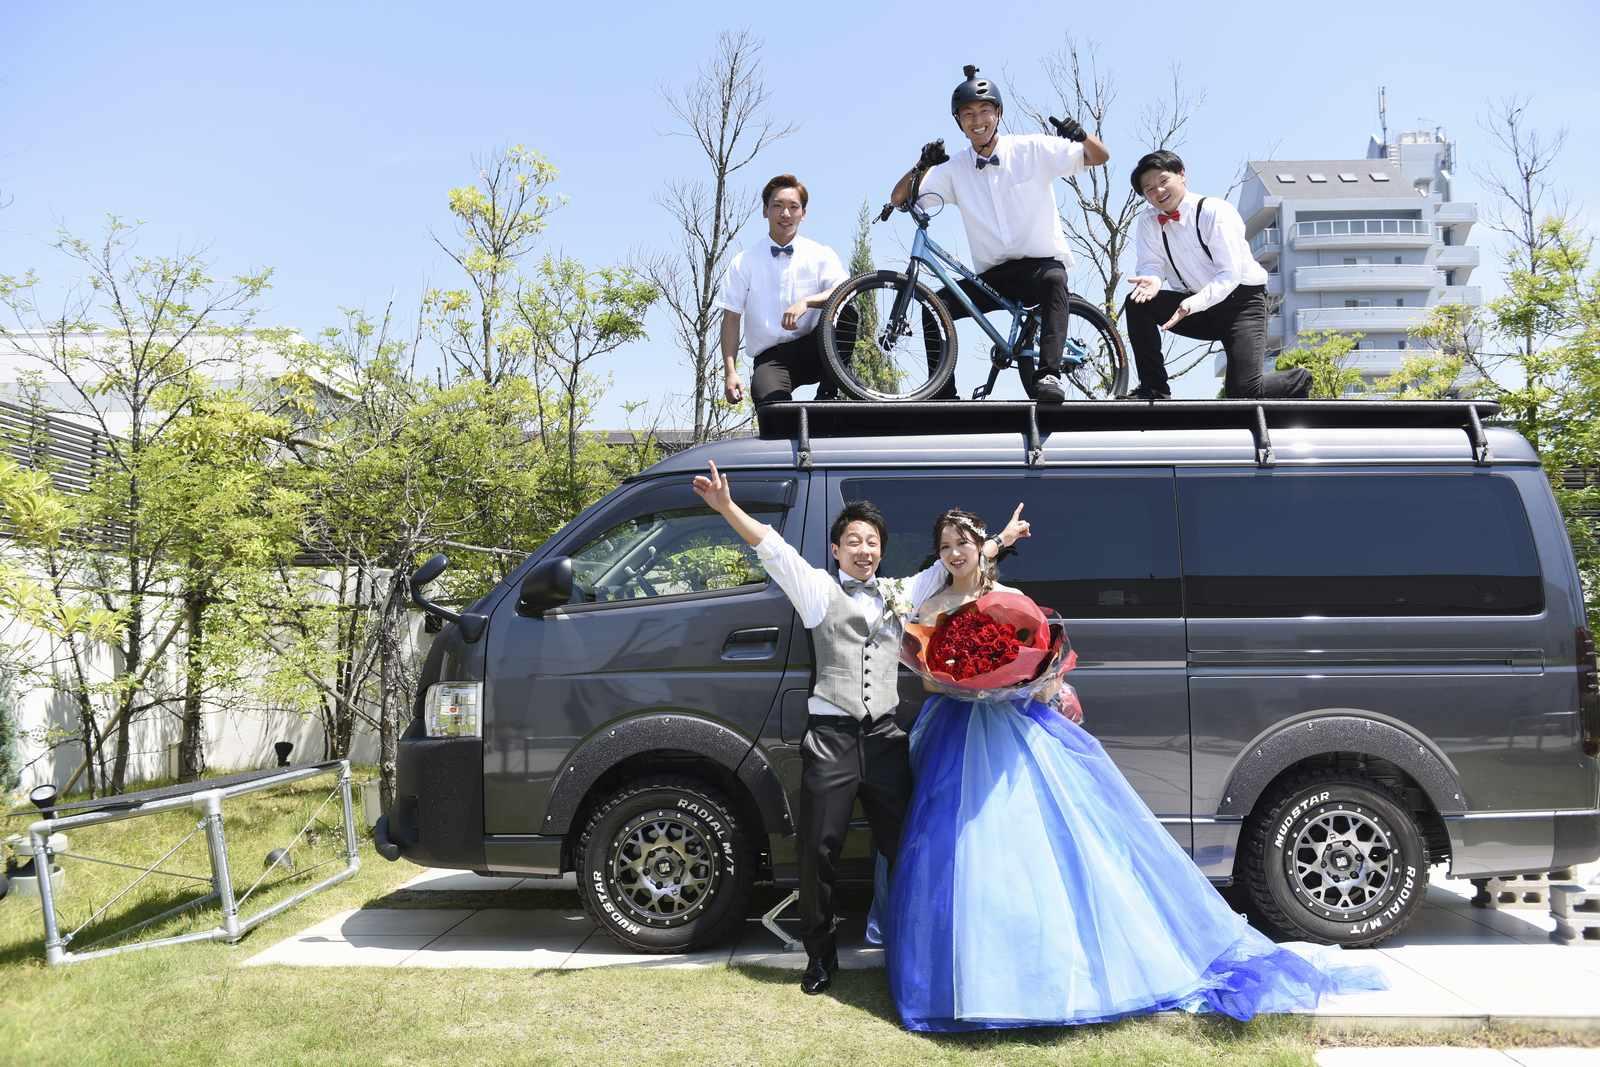 香川県の結婚式場アイスタイルで新郎新婦とゲストで記念撮影